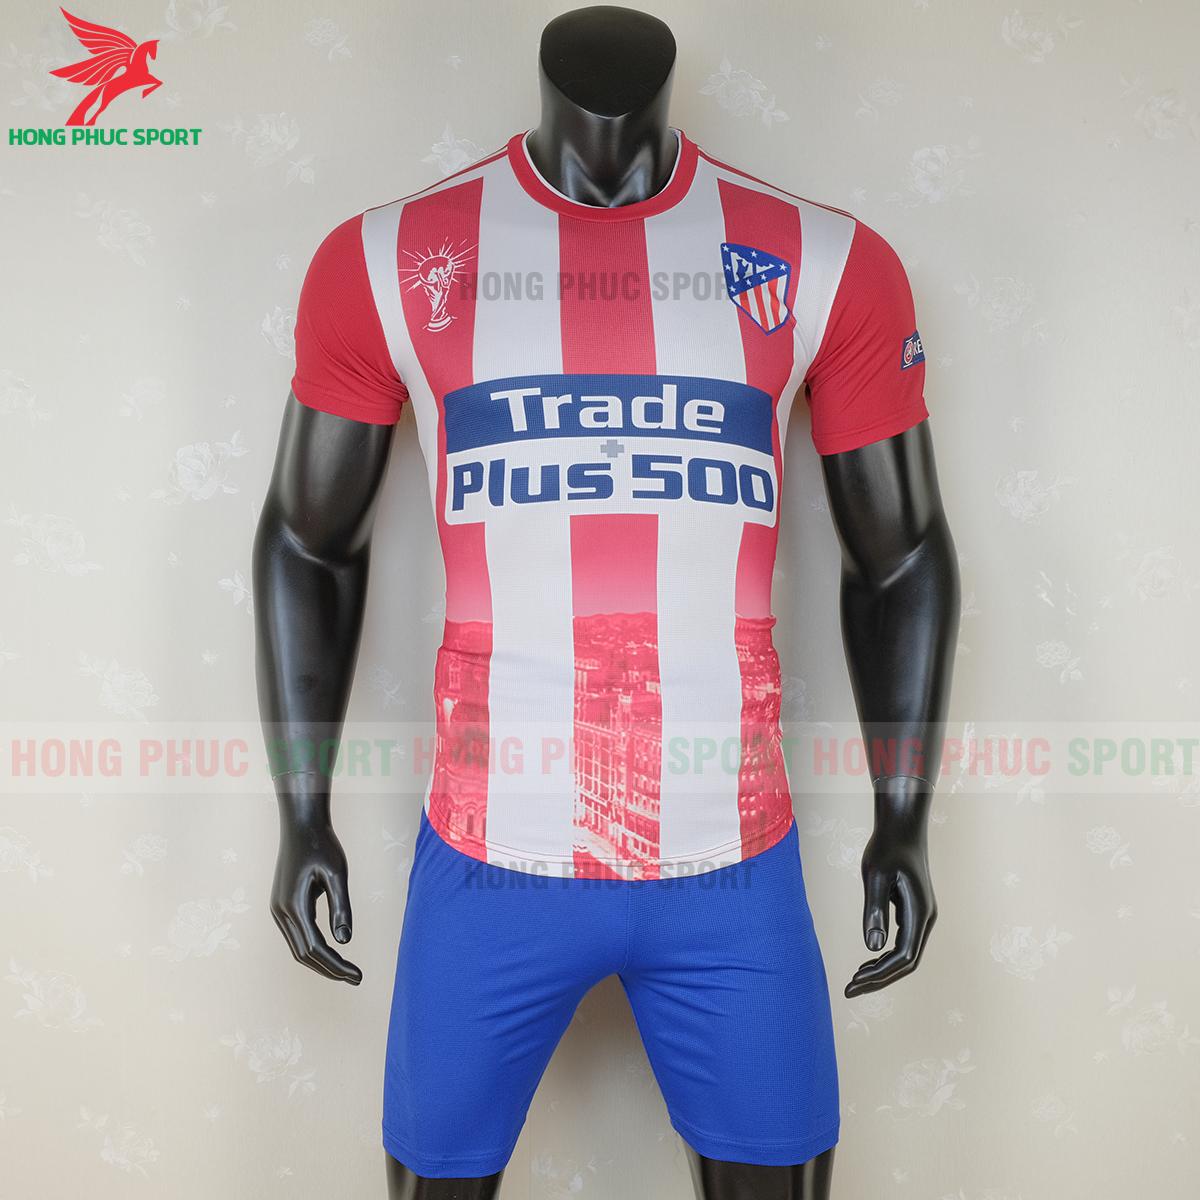 https://cdn.hongphucsport.com/unsafe/s4.shopbay.vn/files/285/ao-bong-da-atletico-madrid-2020-2021-phien-ban-fan-mau-2-8-5f6d4c579c169.png